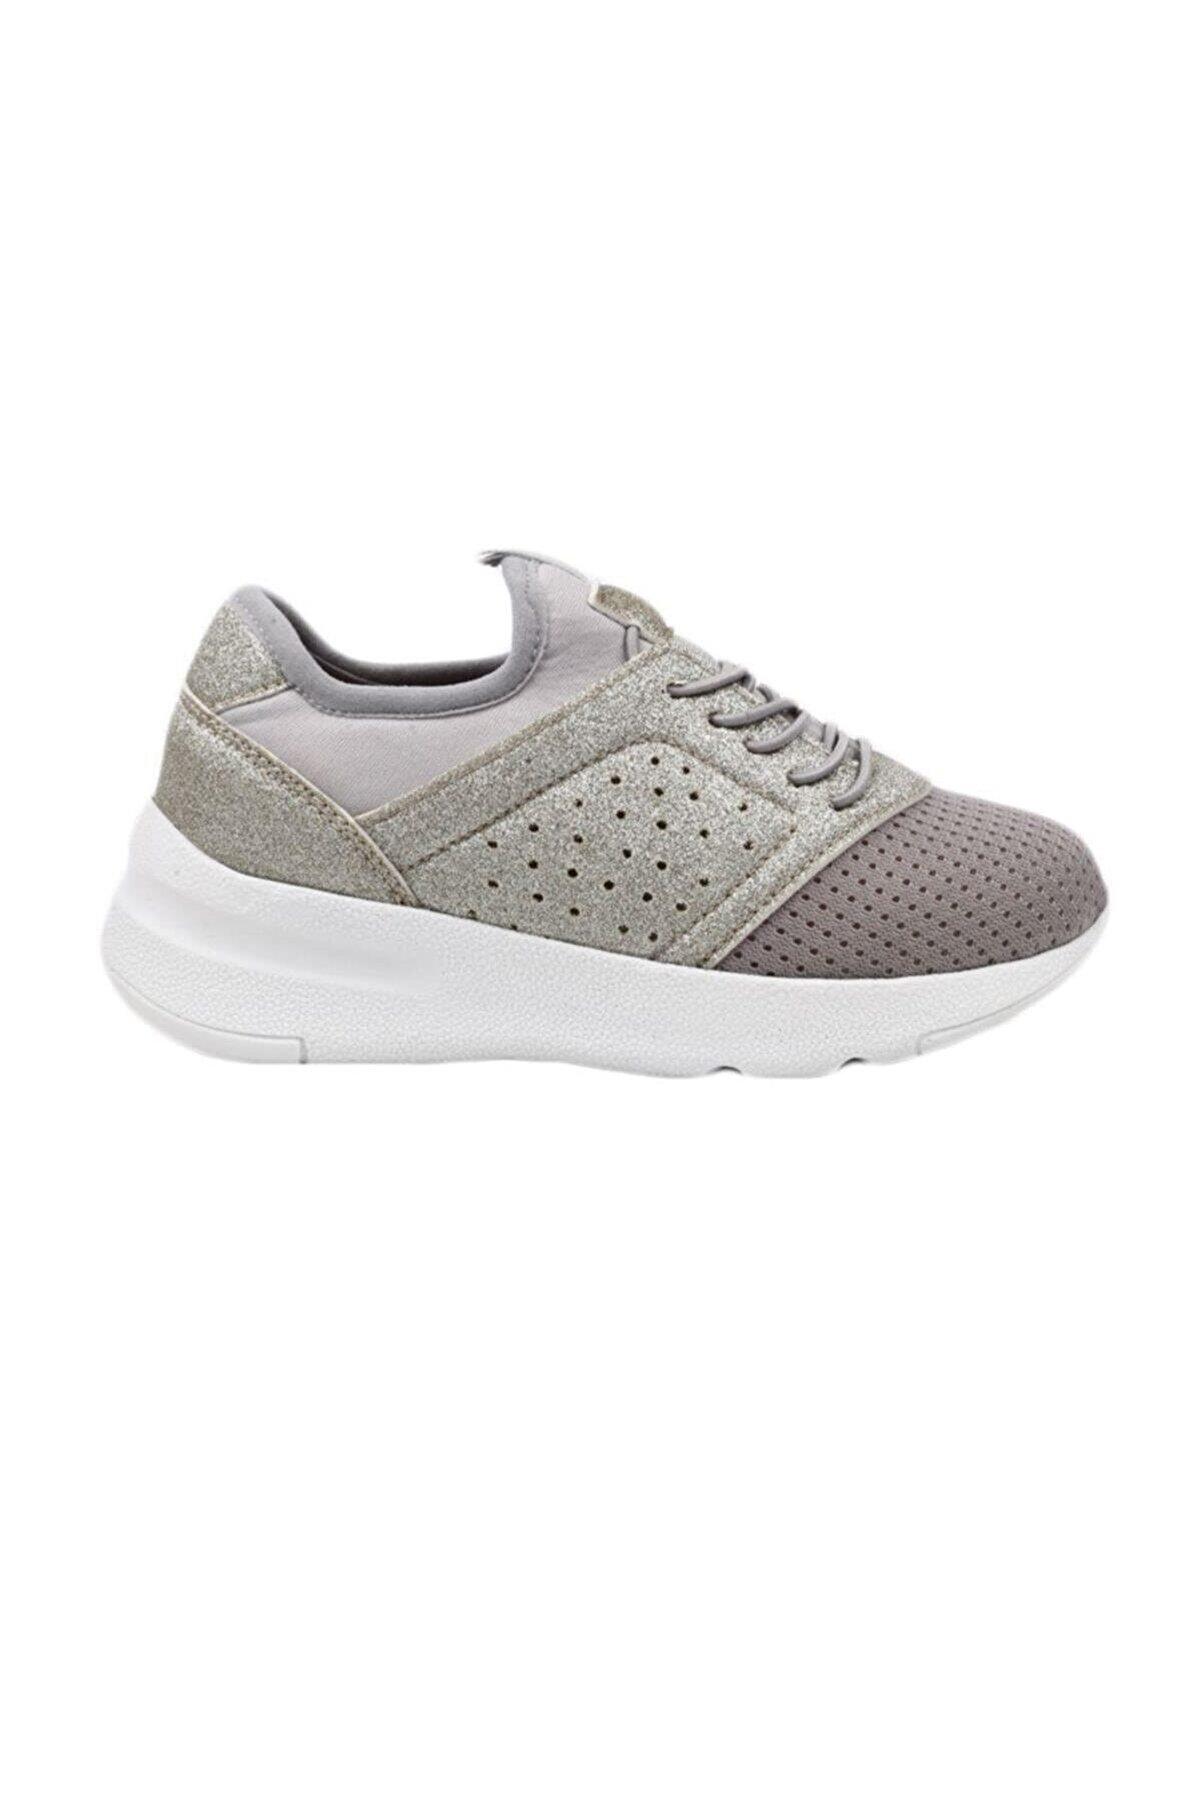 Vicco Gri Kız Spor Ayakkabı